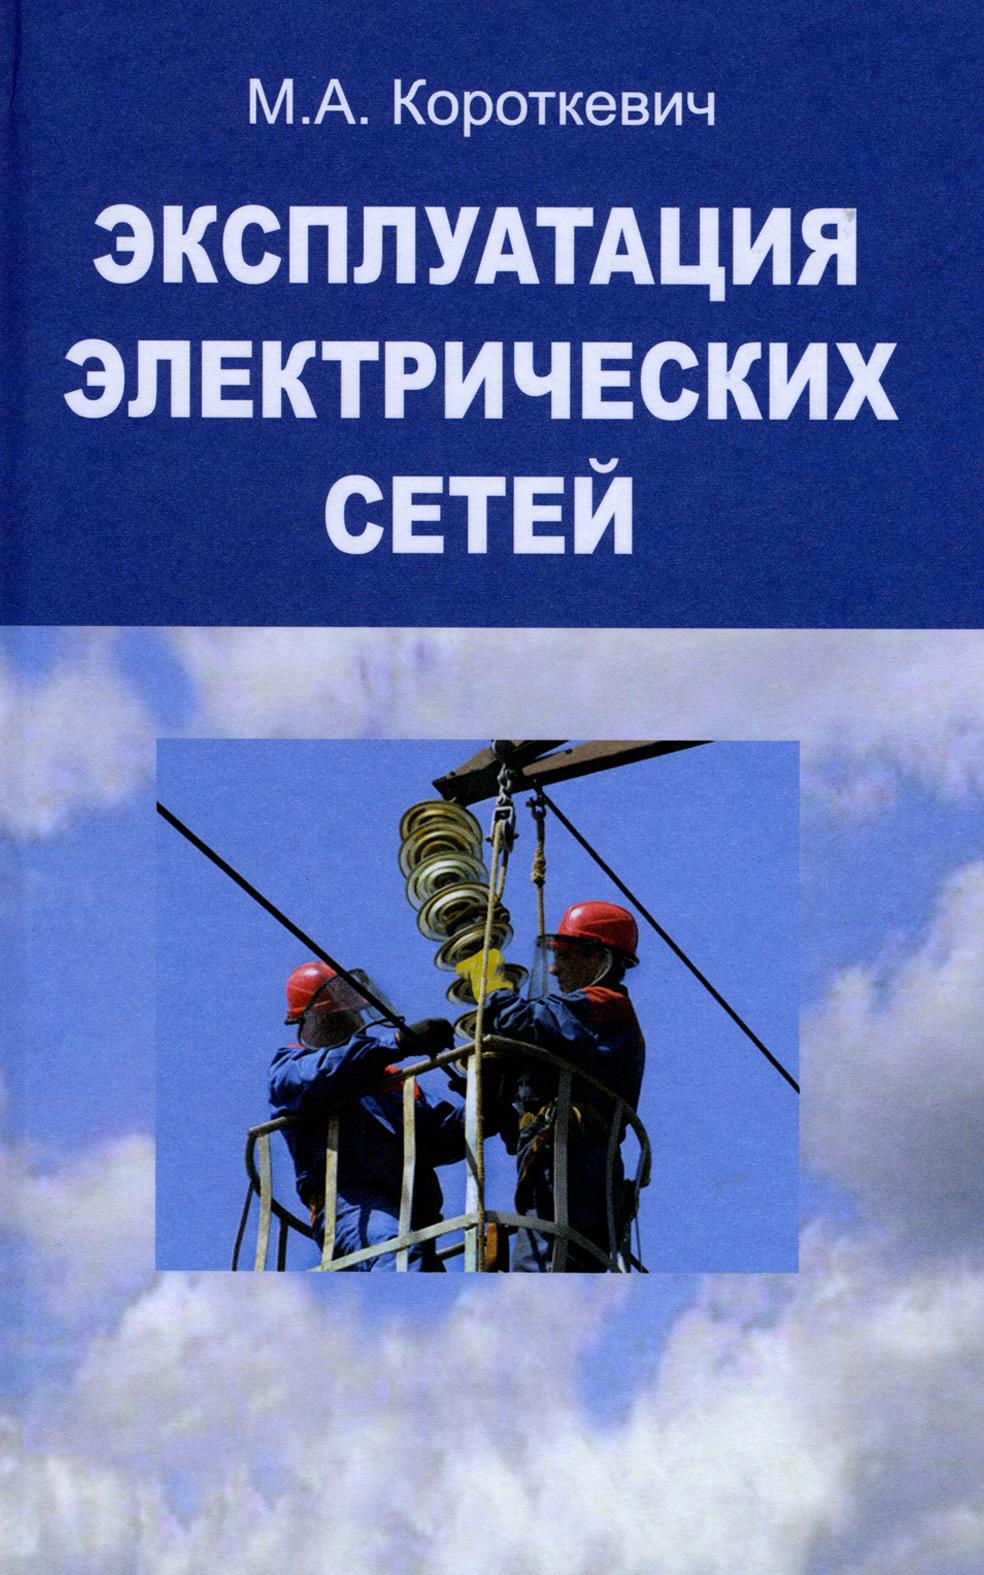 М. А. Короткевич Эксплуатация электрических сетей а е немировский электрооборудование электрических сетей станций и подстанций